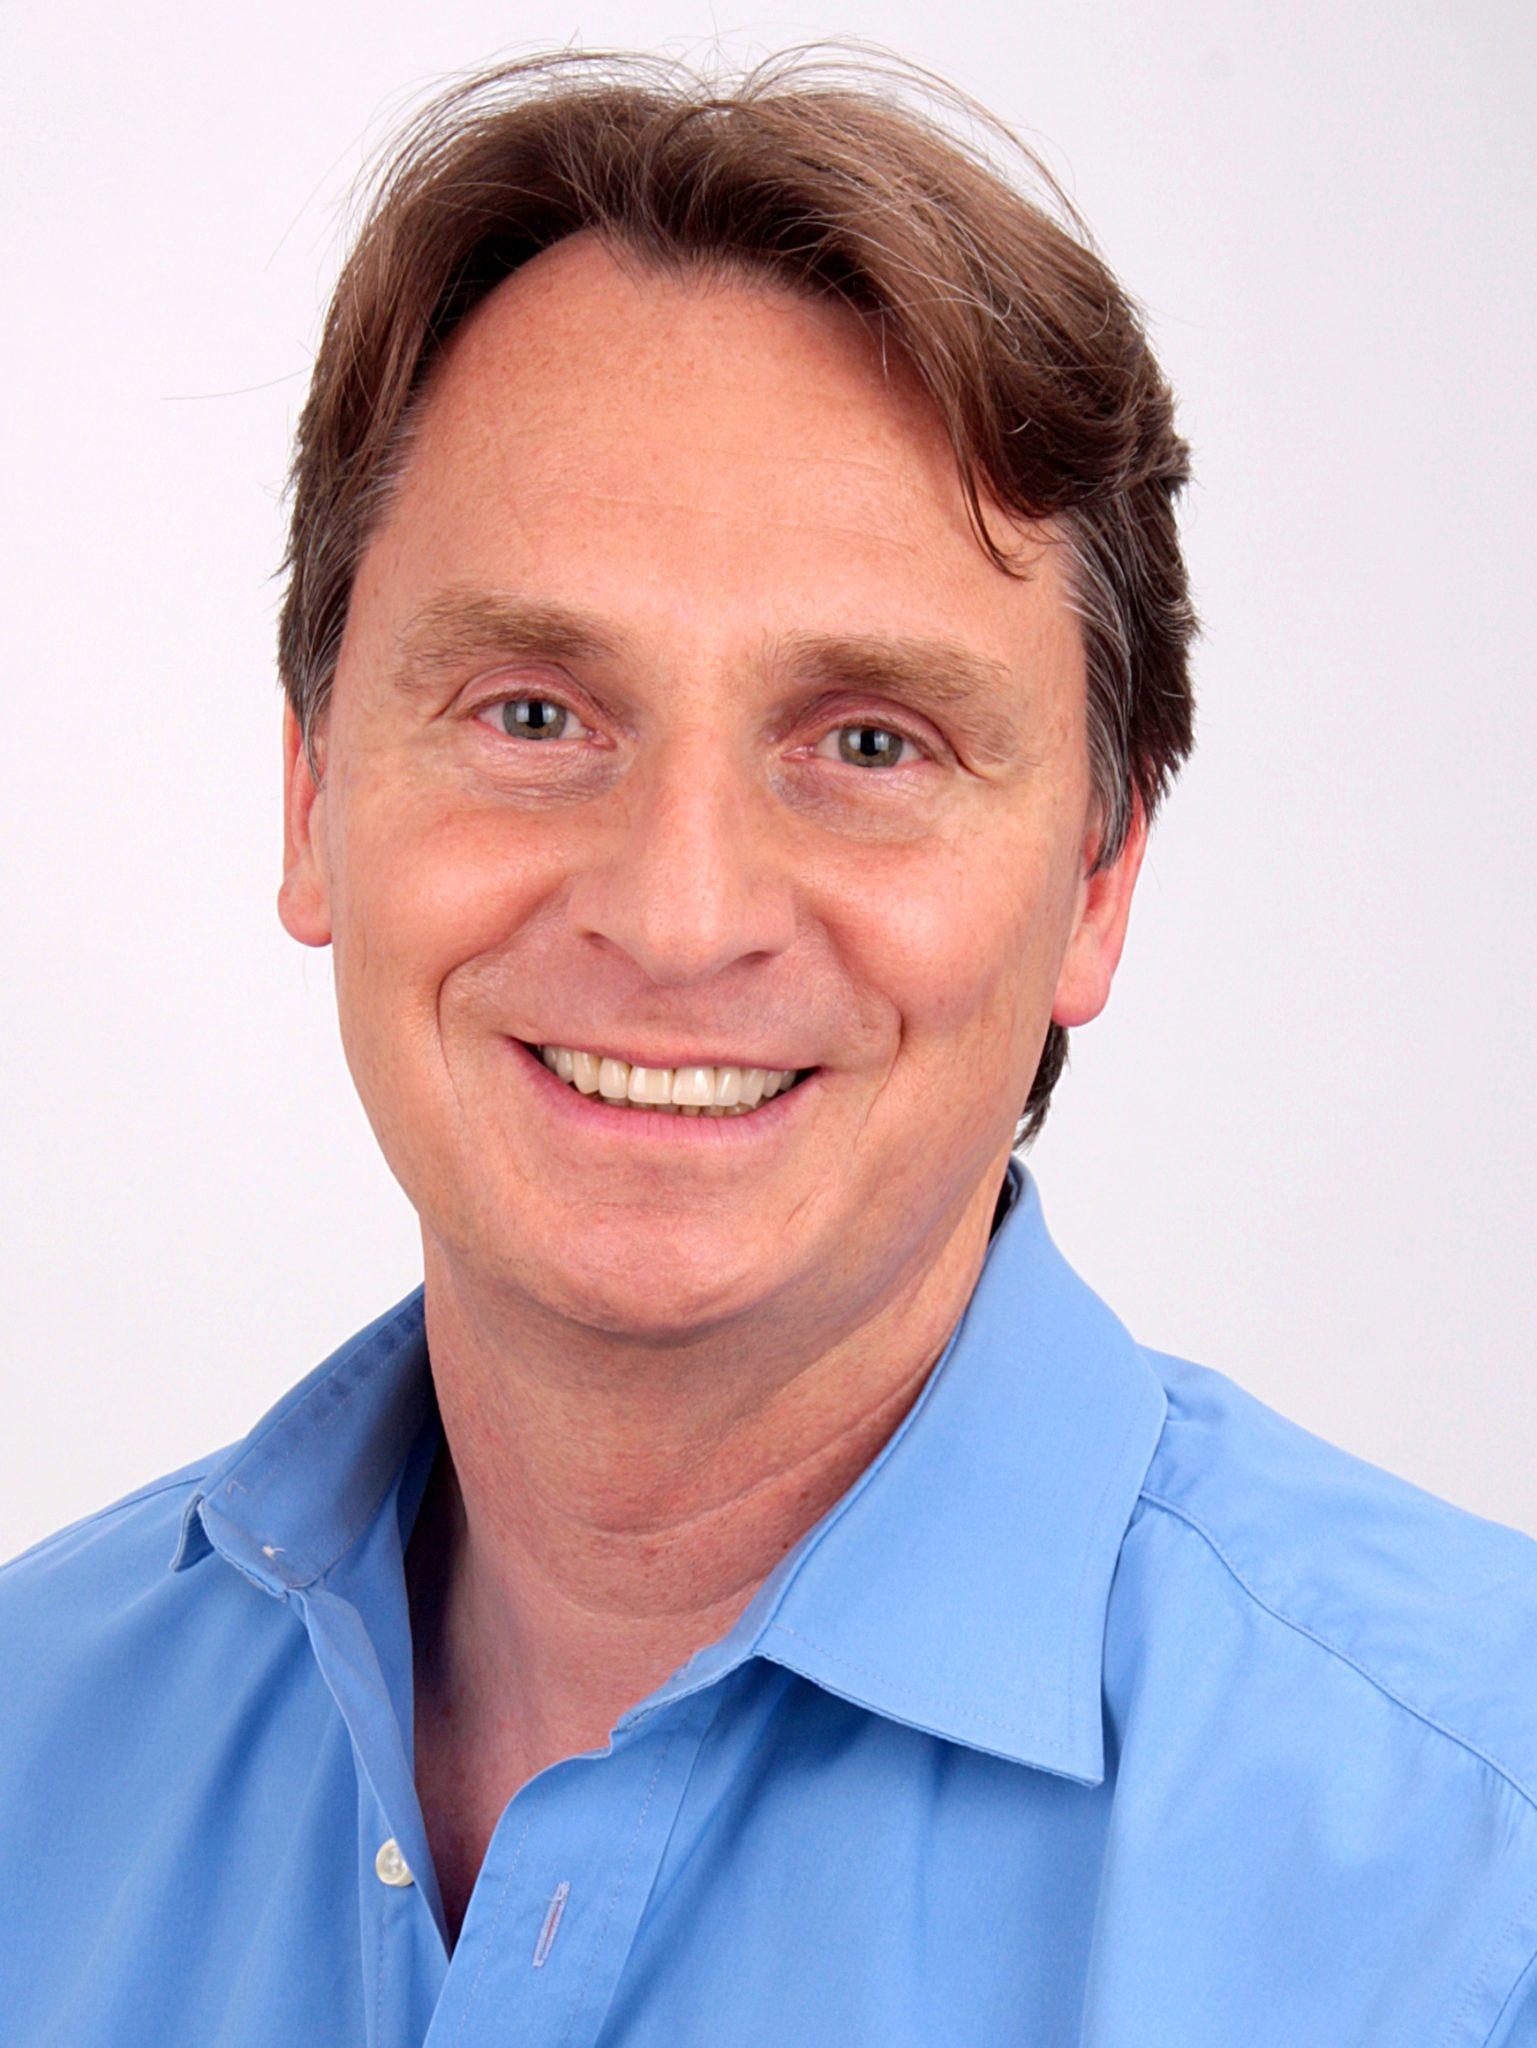 Karl zu Ortenburg Digital Marketing Automation Specialist